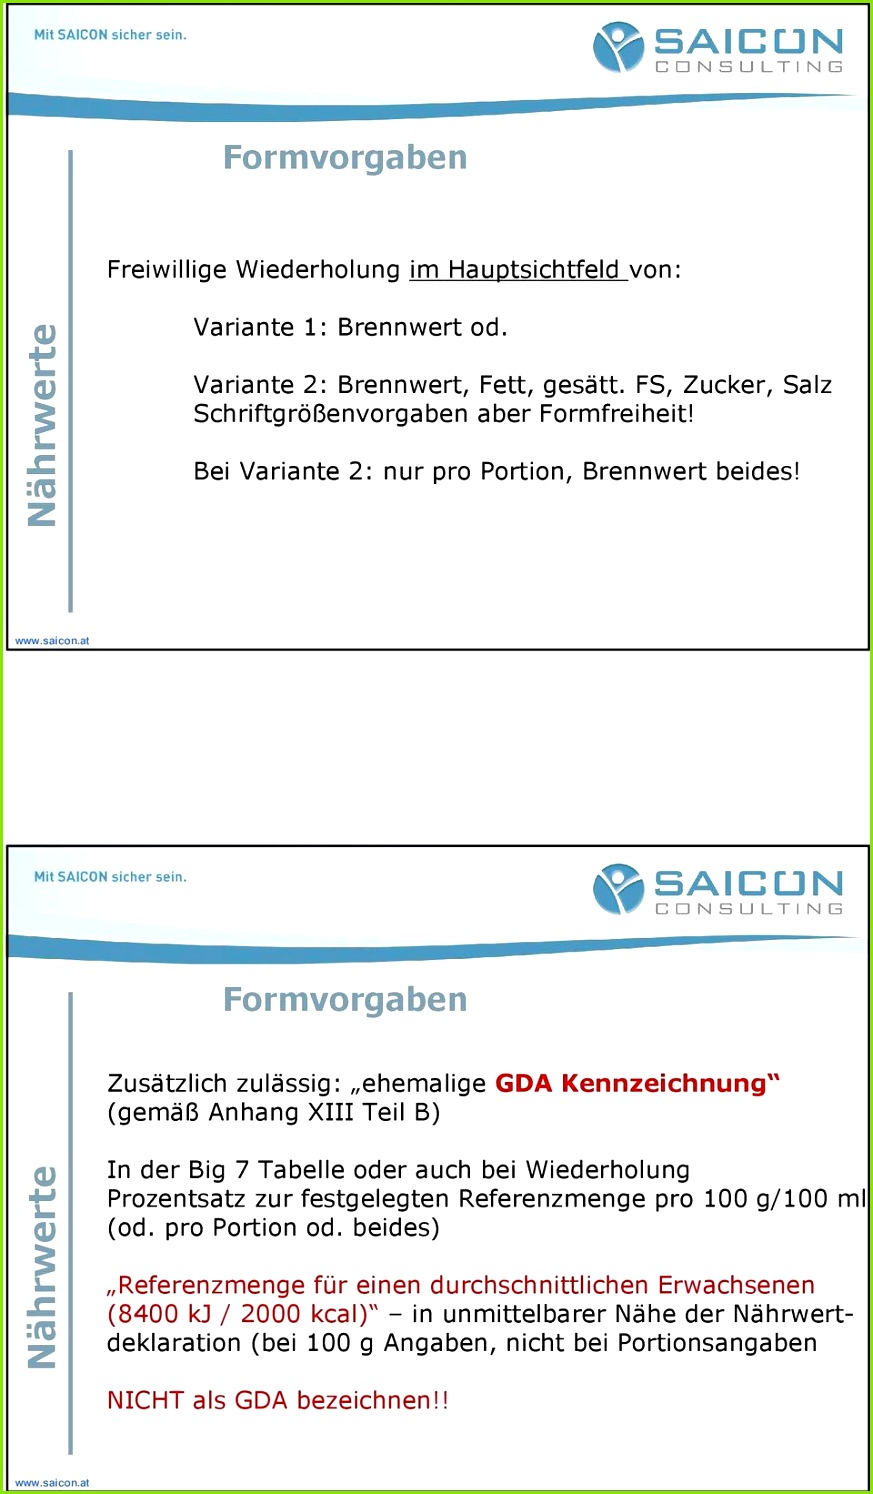 Allergenkennzeichnung Speisekarte Vorlage Inspiration Lebensmittelinformationsvo Allergene Nährwerte &